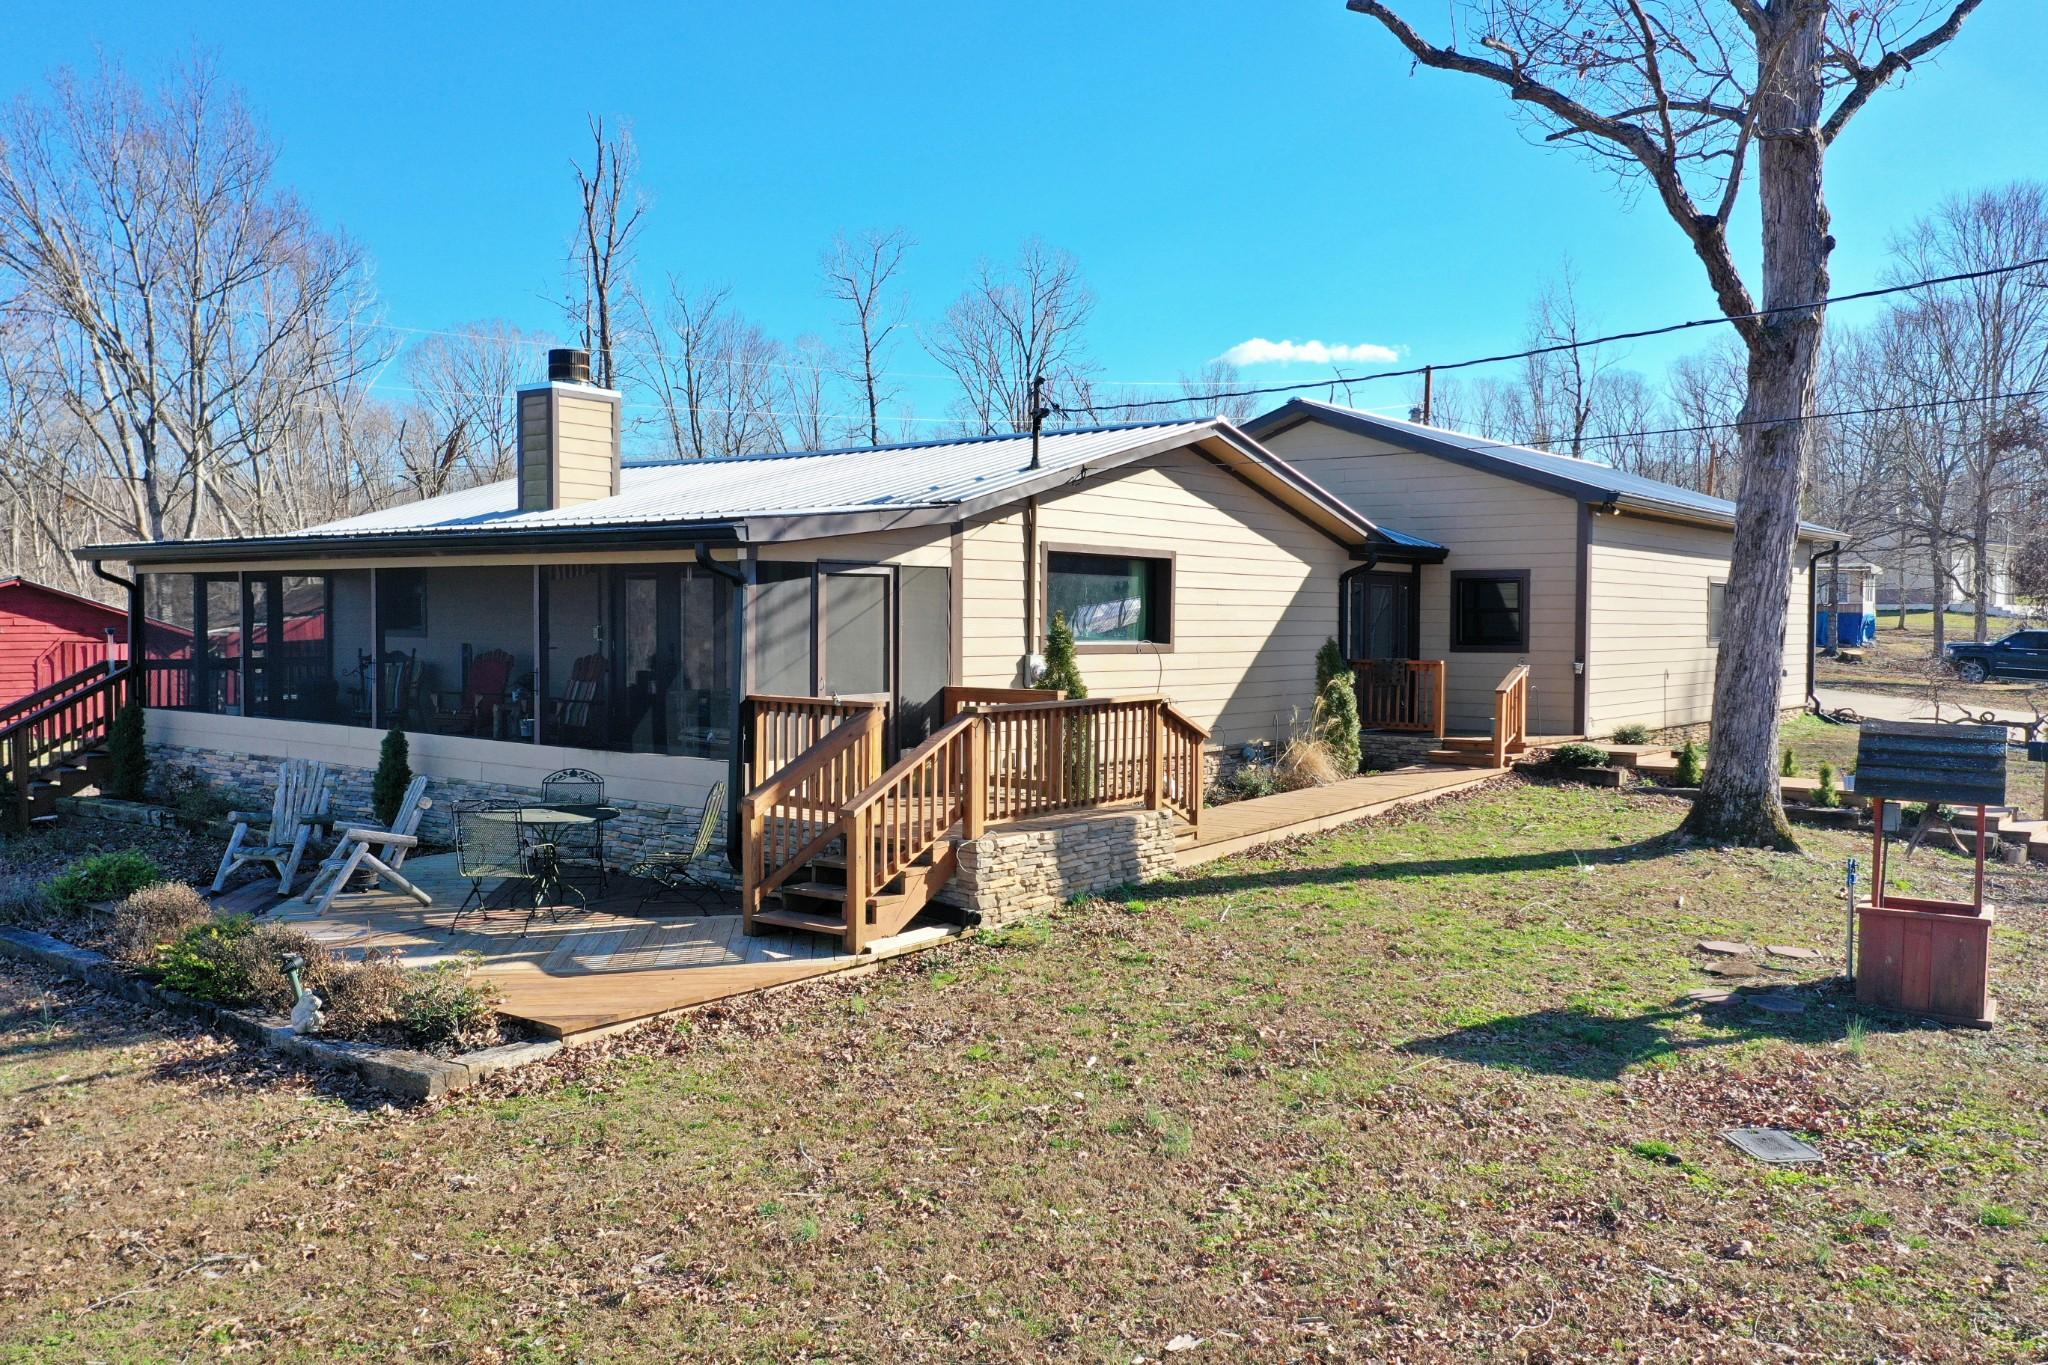 520 Toms Creek Lake Rd, Linden, TN 37096 - Linden, TN real estate listing